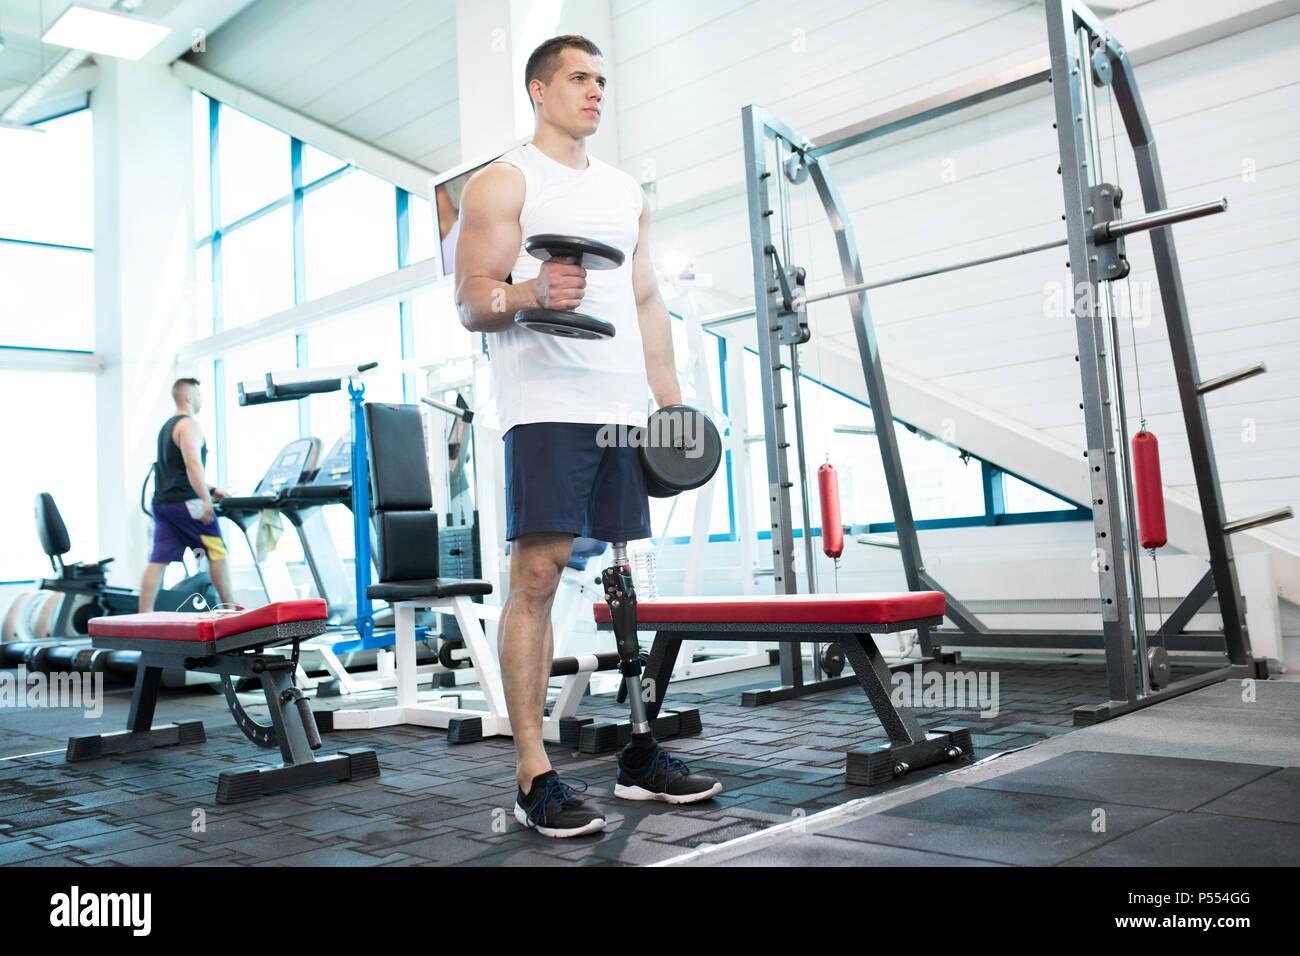 Hombre con pierna prostética entrenamiento en el gimnasio Imagen De Stock